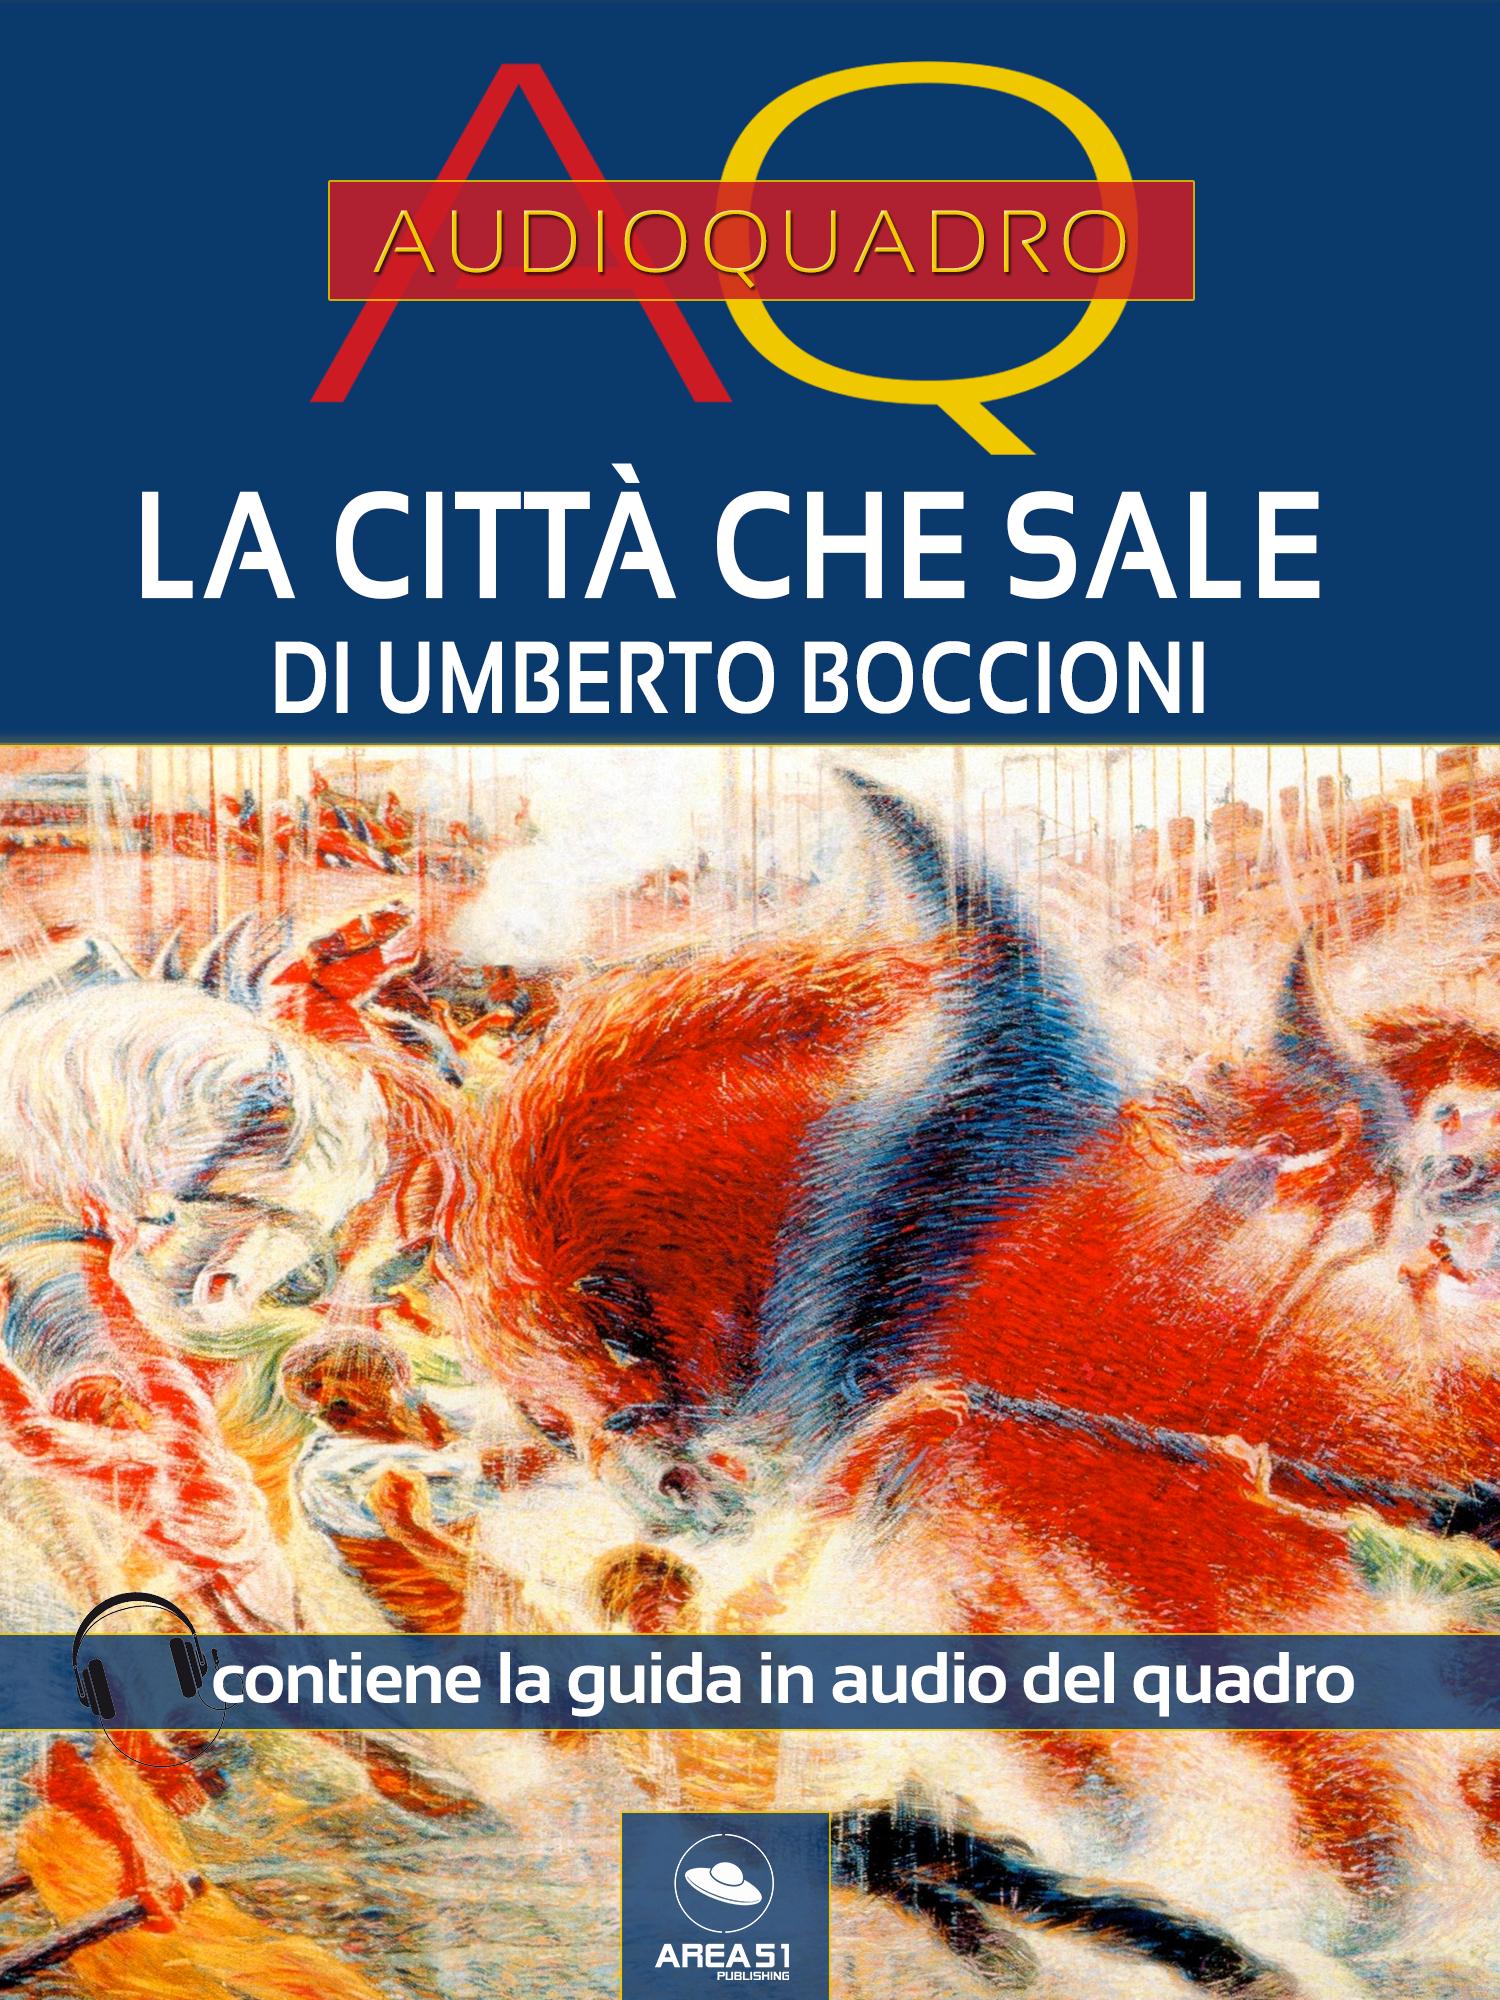 La città che sale di Umberto Boccioni. Audioquadro-0